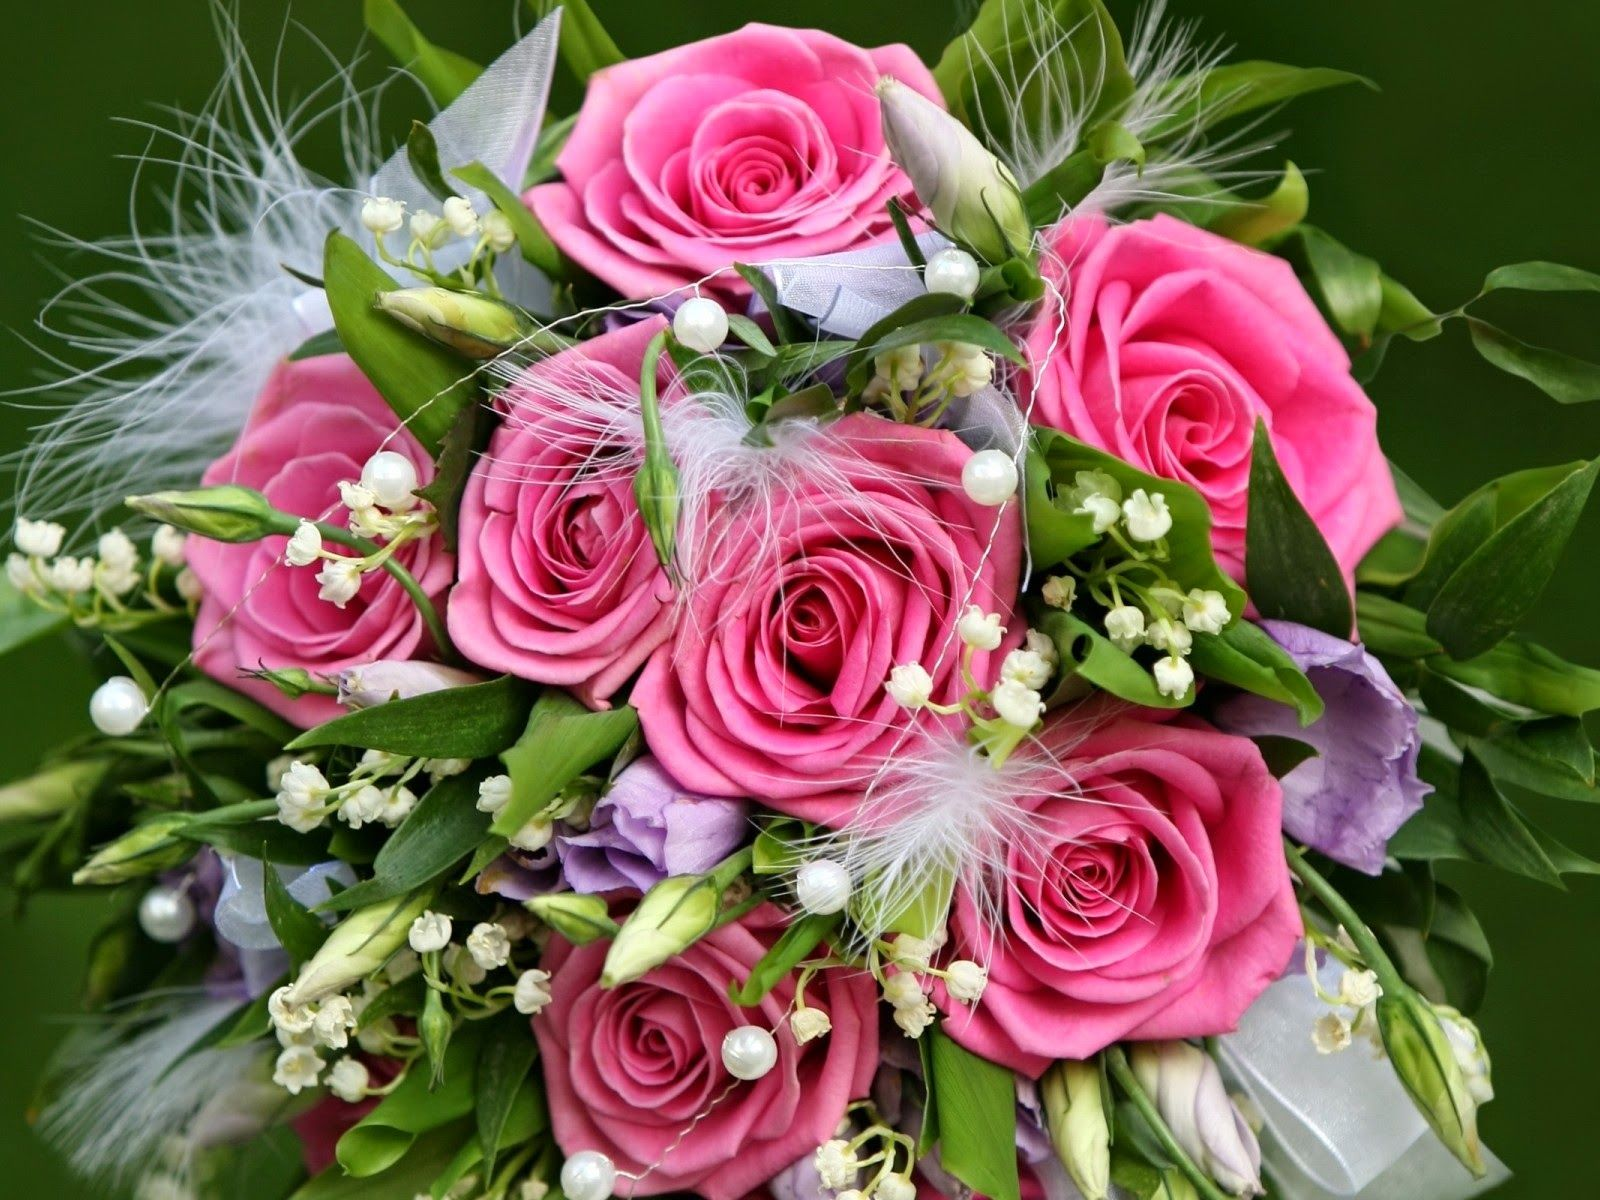 Fotos de ramo de rosas